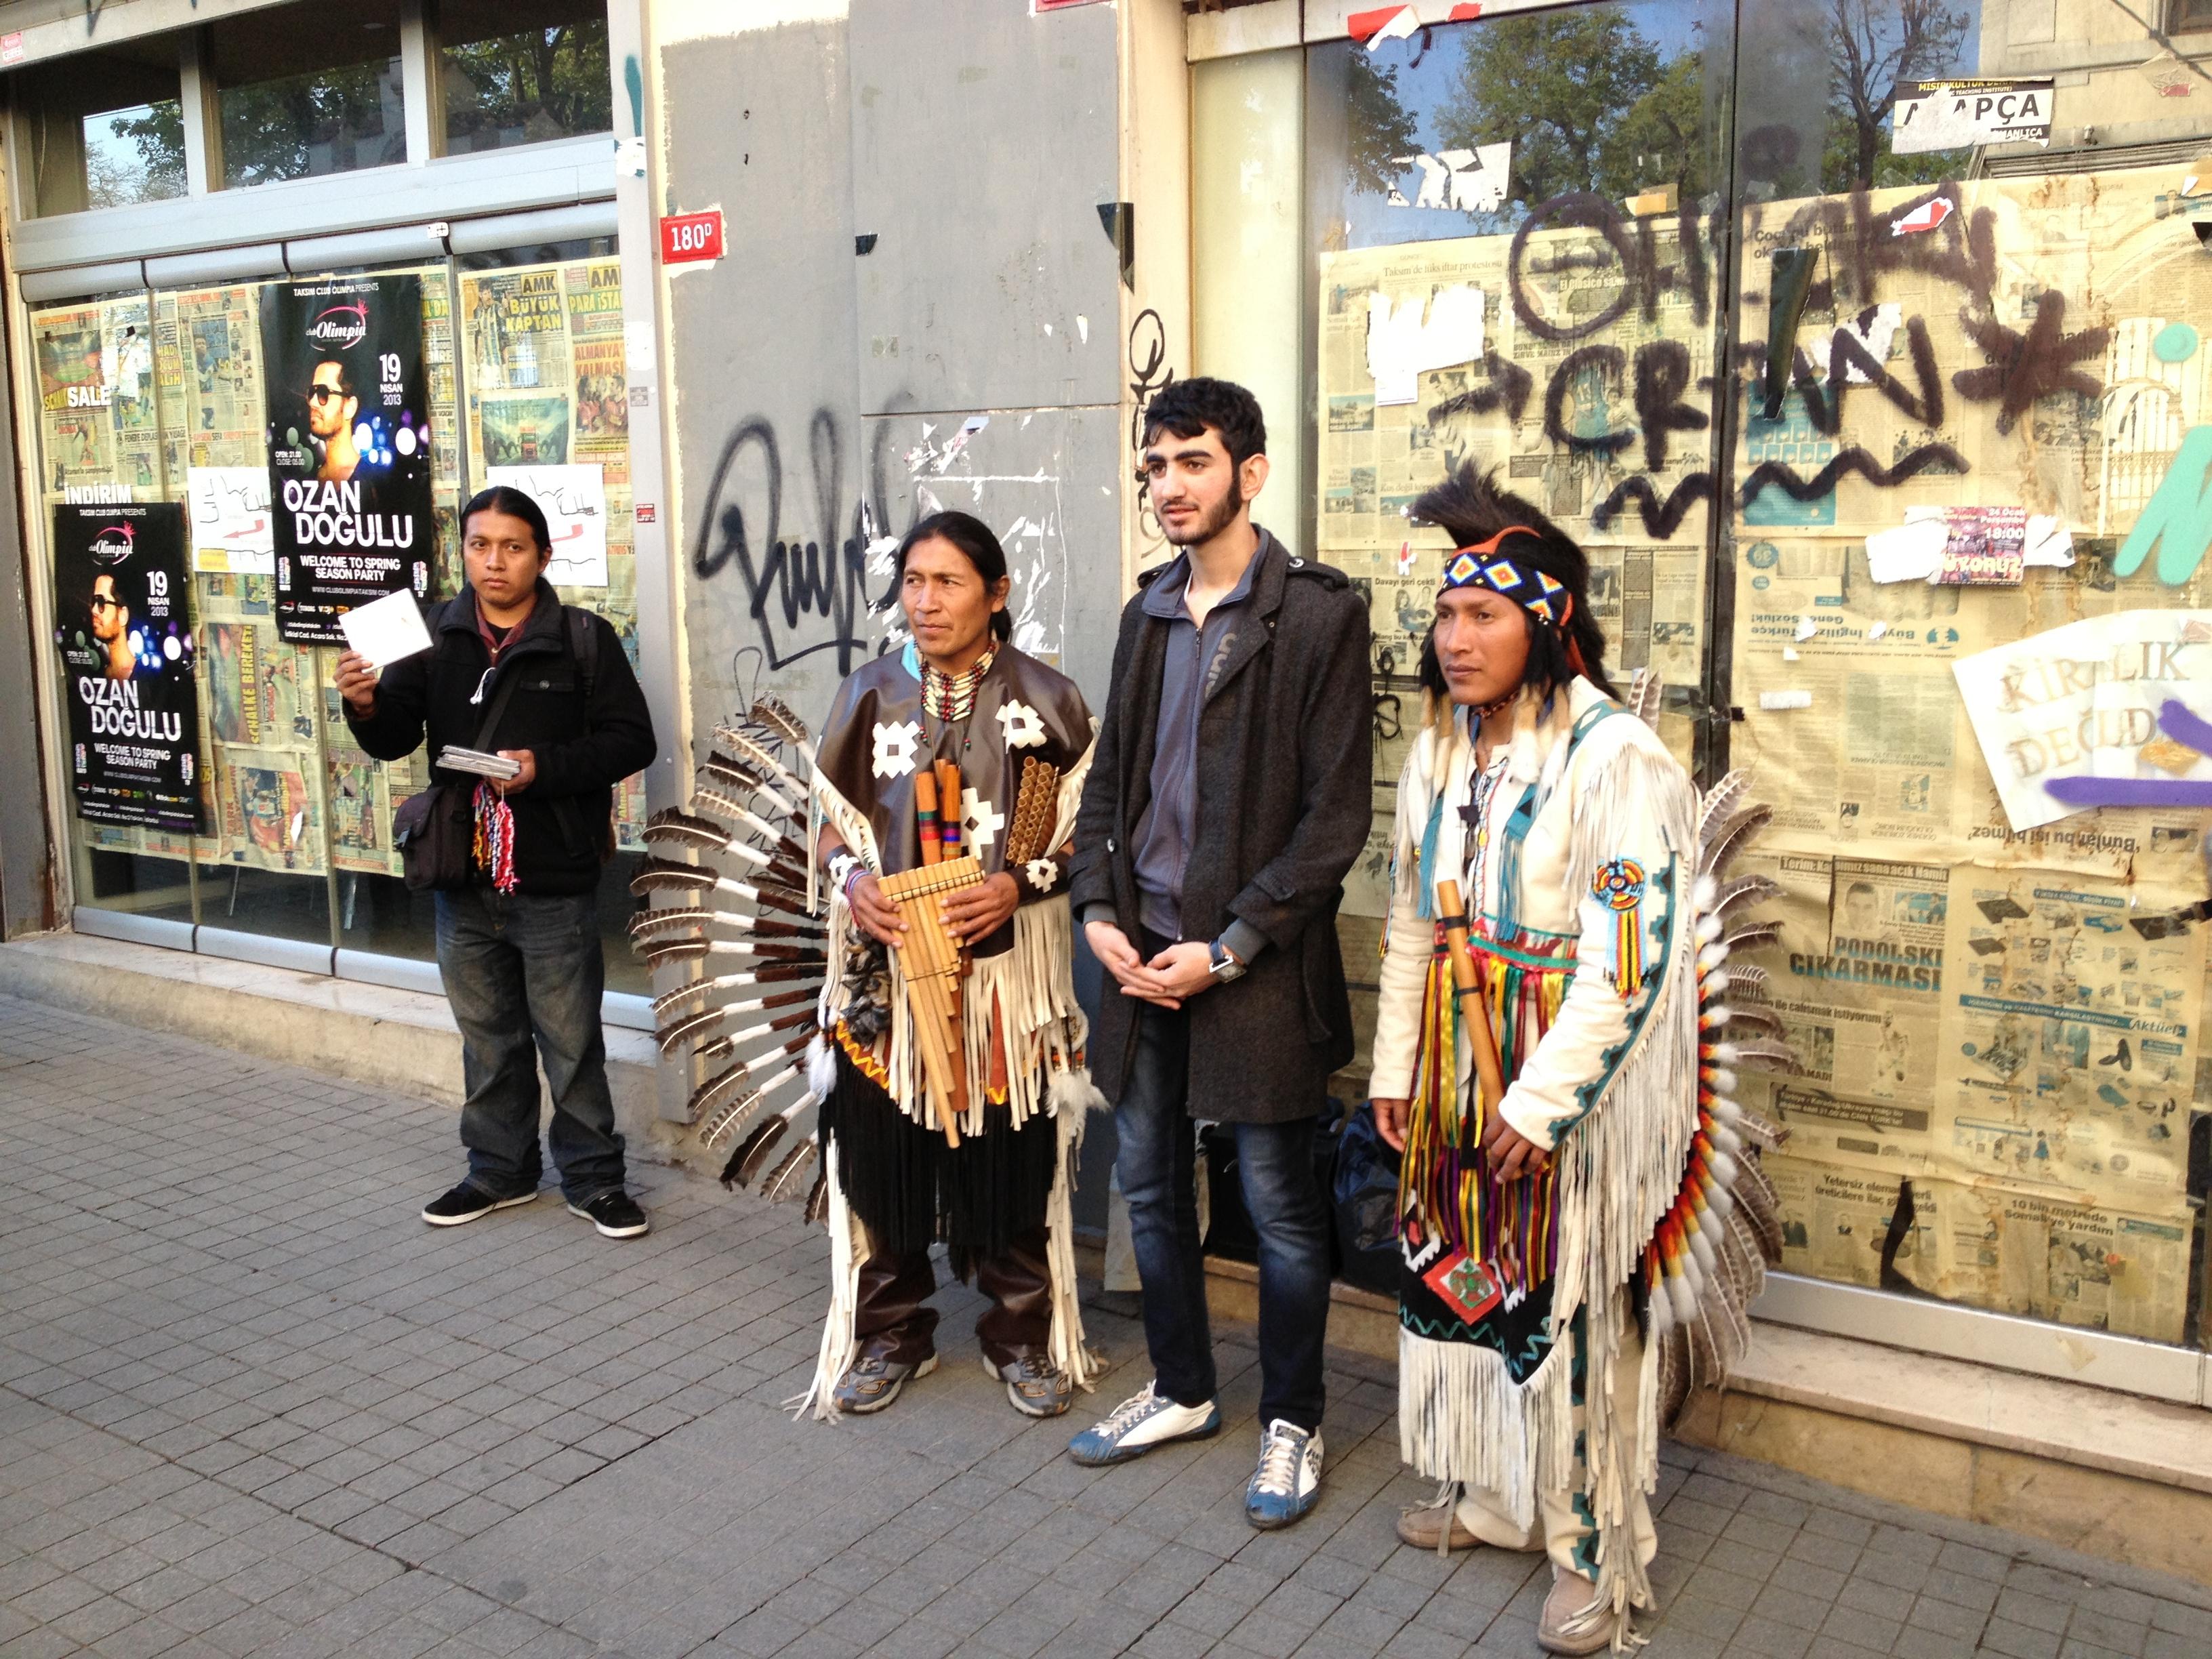 Det stod två inkaindianer på en gågata och turkarna turades om att bli fotograferade med dom. Det kändes väldigt långt från Anderna.